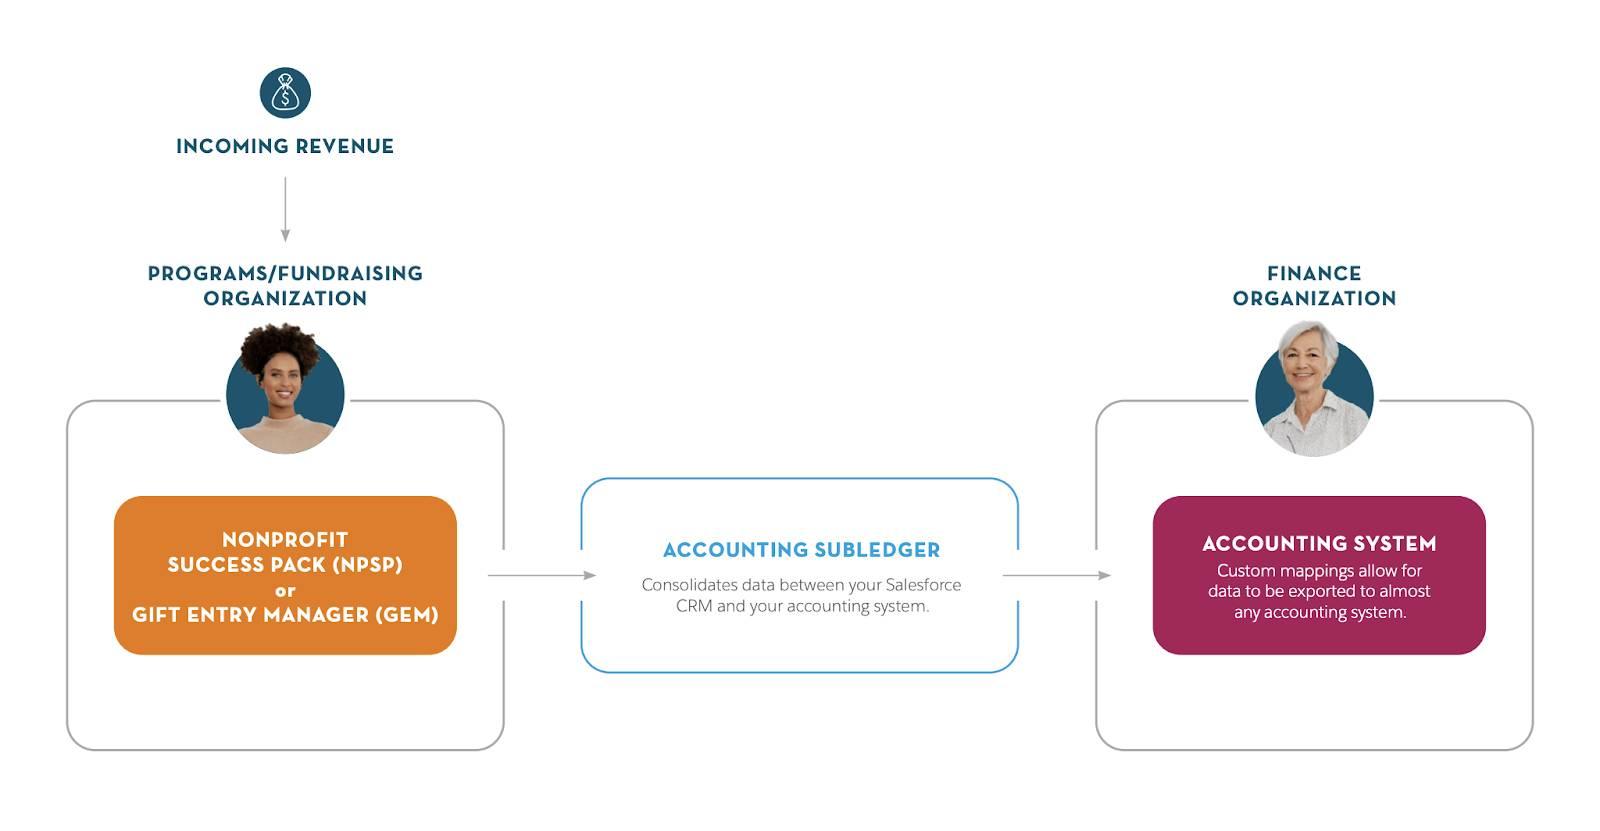 受領した支援は GEM に入力され、会計補助元帳を介して Cloudy の会計システムに接続されます。